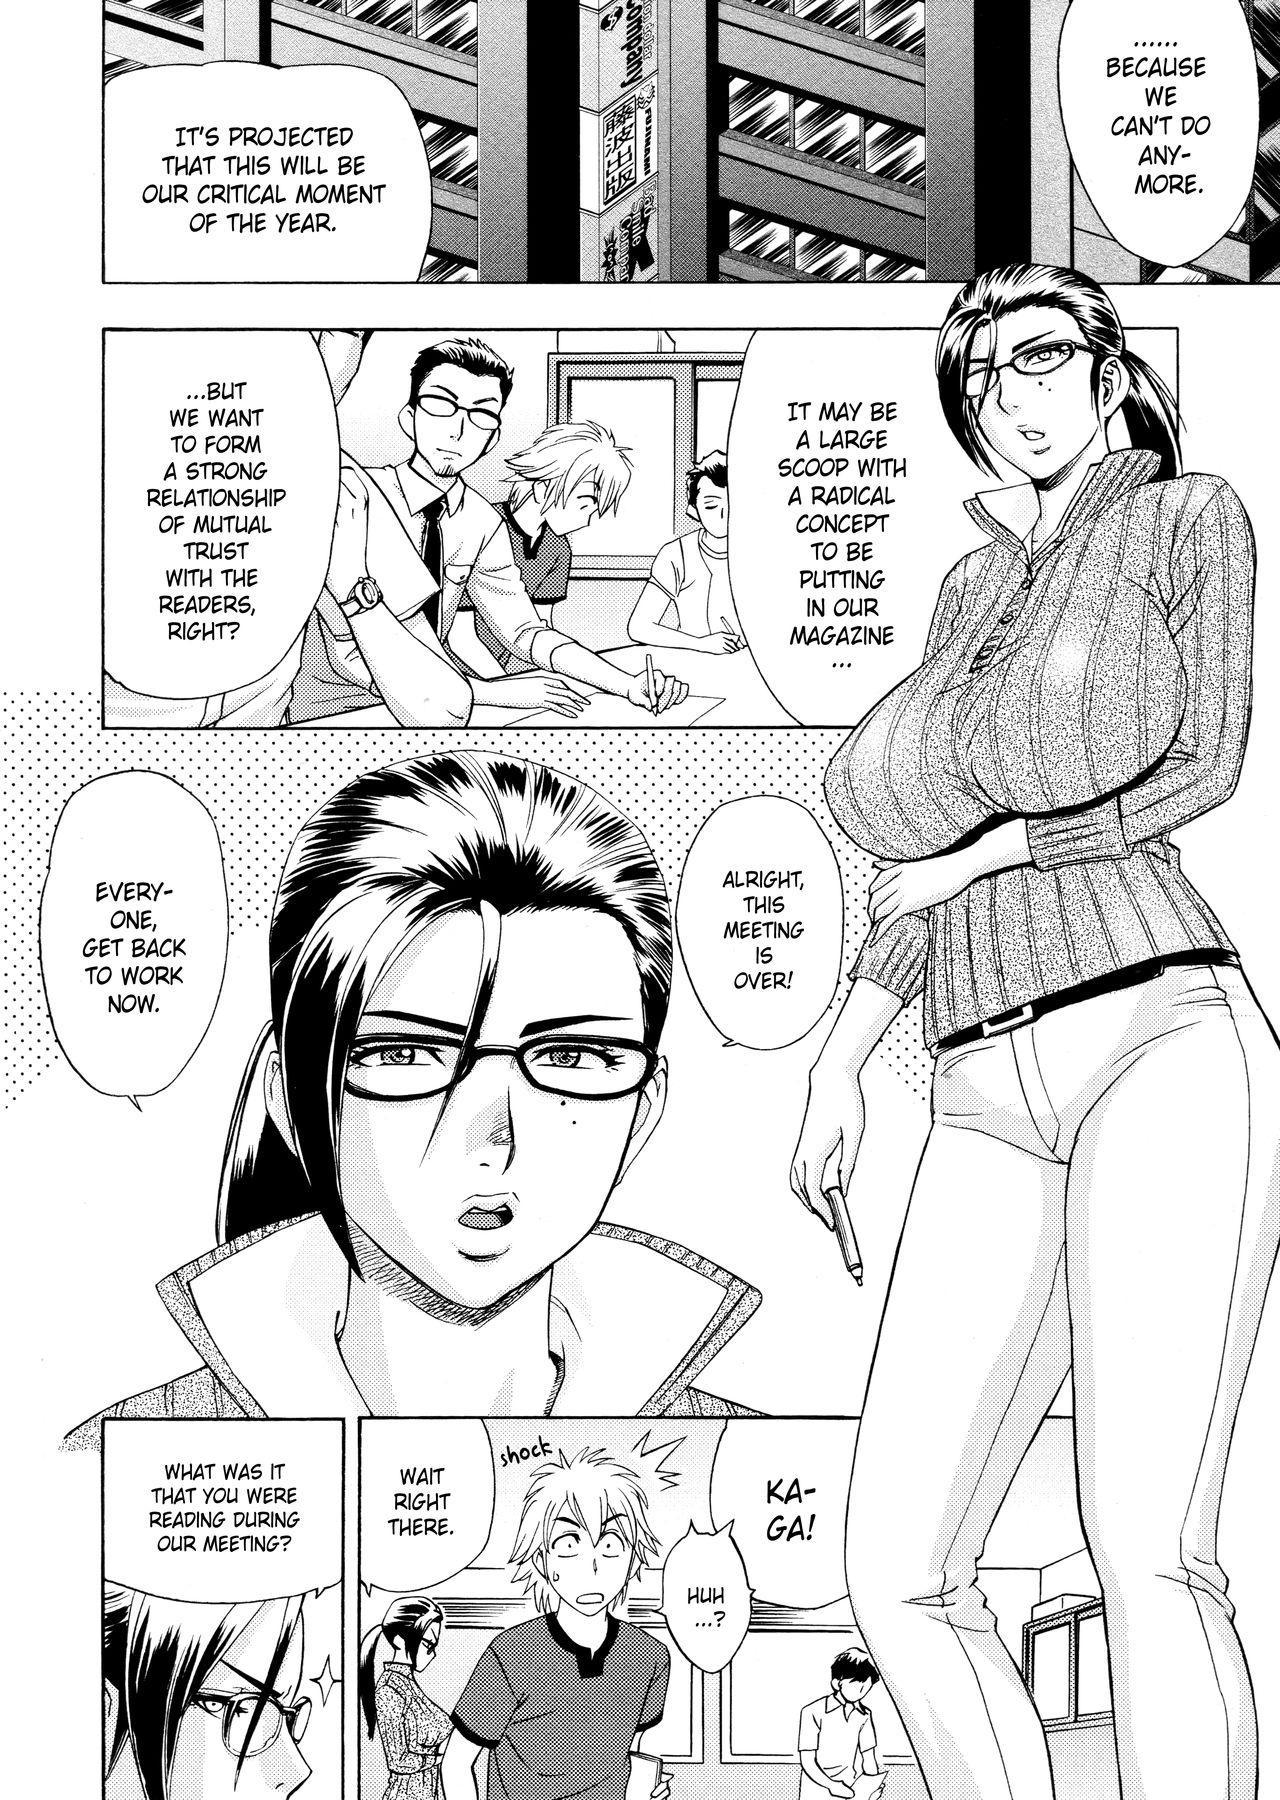 [Tatsunami Youtoku, Yamazaki Masato] Bijin Henshuu-chou no Himitsu | Beautiful Editor-in-Chief's Secret Ch. 1-7 [English] [Forbiddenfetish77, Red Vodka, Crystalium, CEDR777] [Decensored] 5